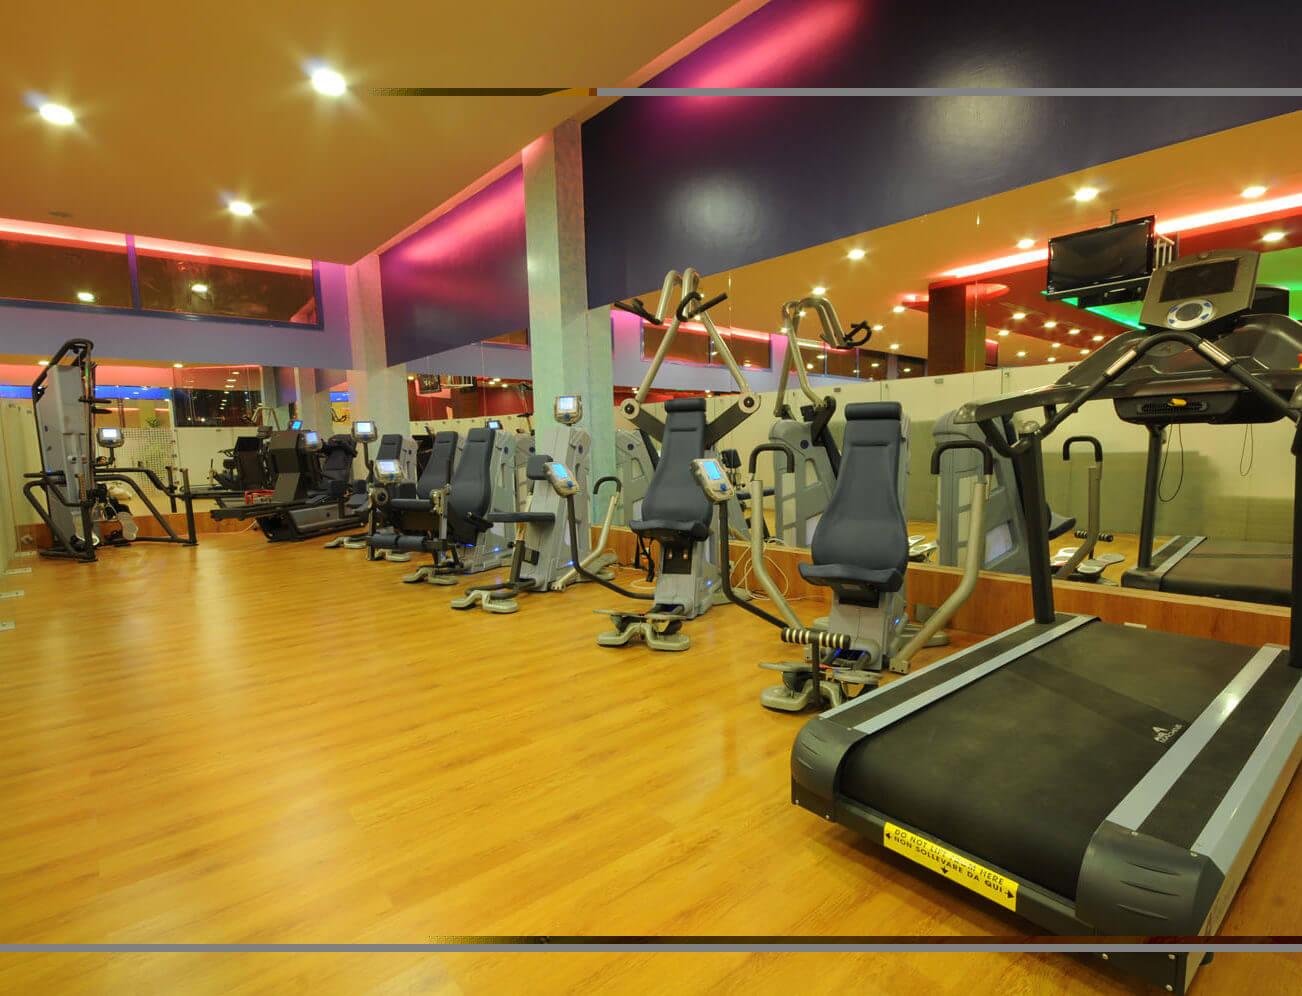 Galerie echipamente fitness 2015 - 1